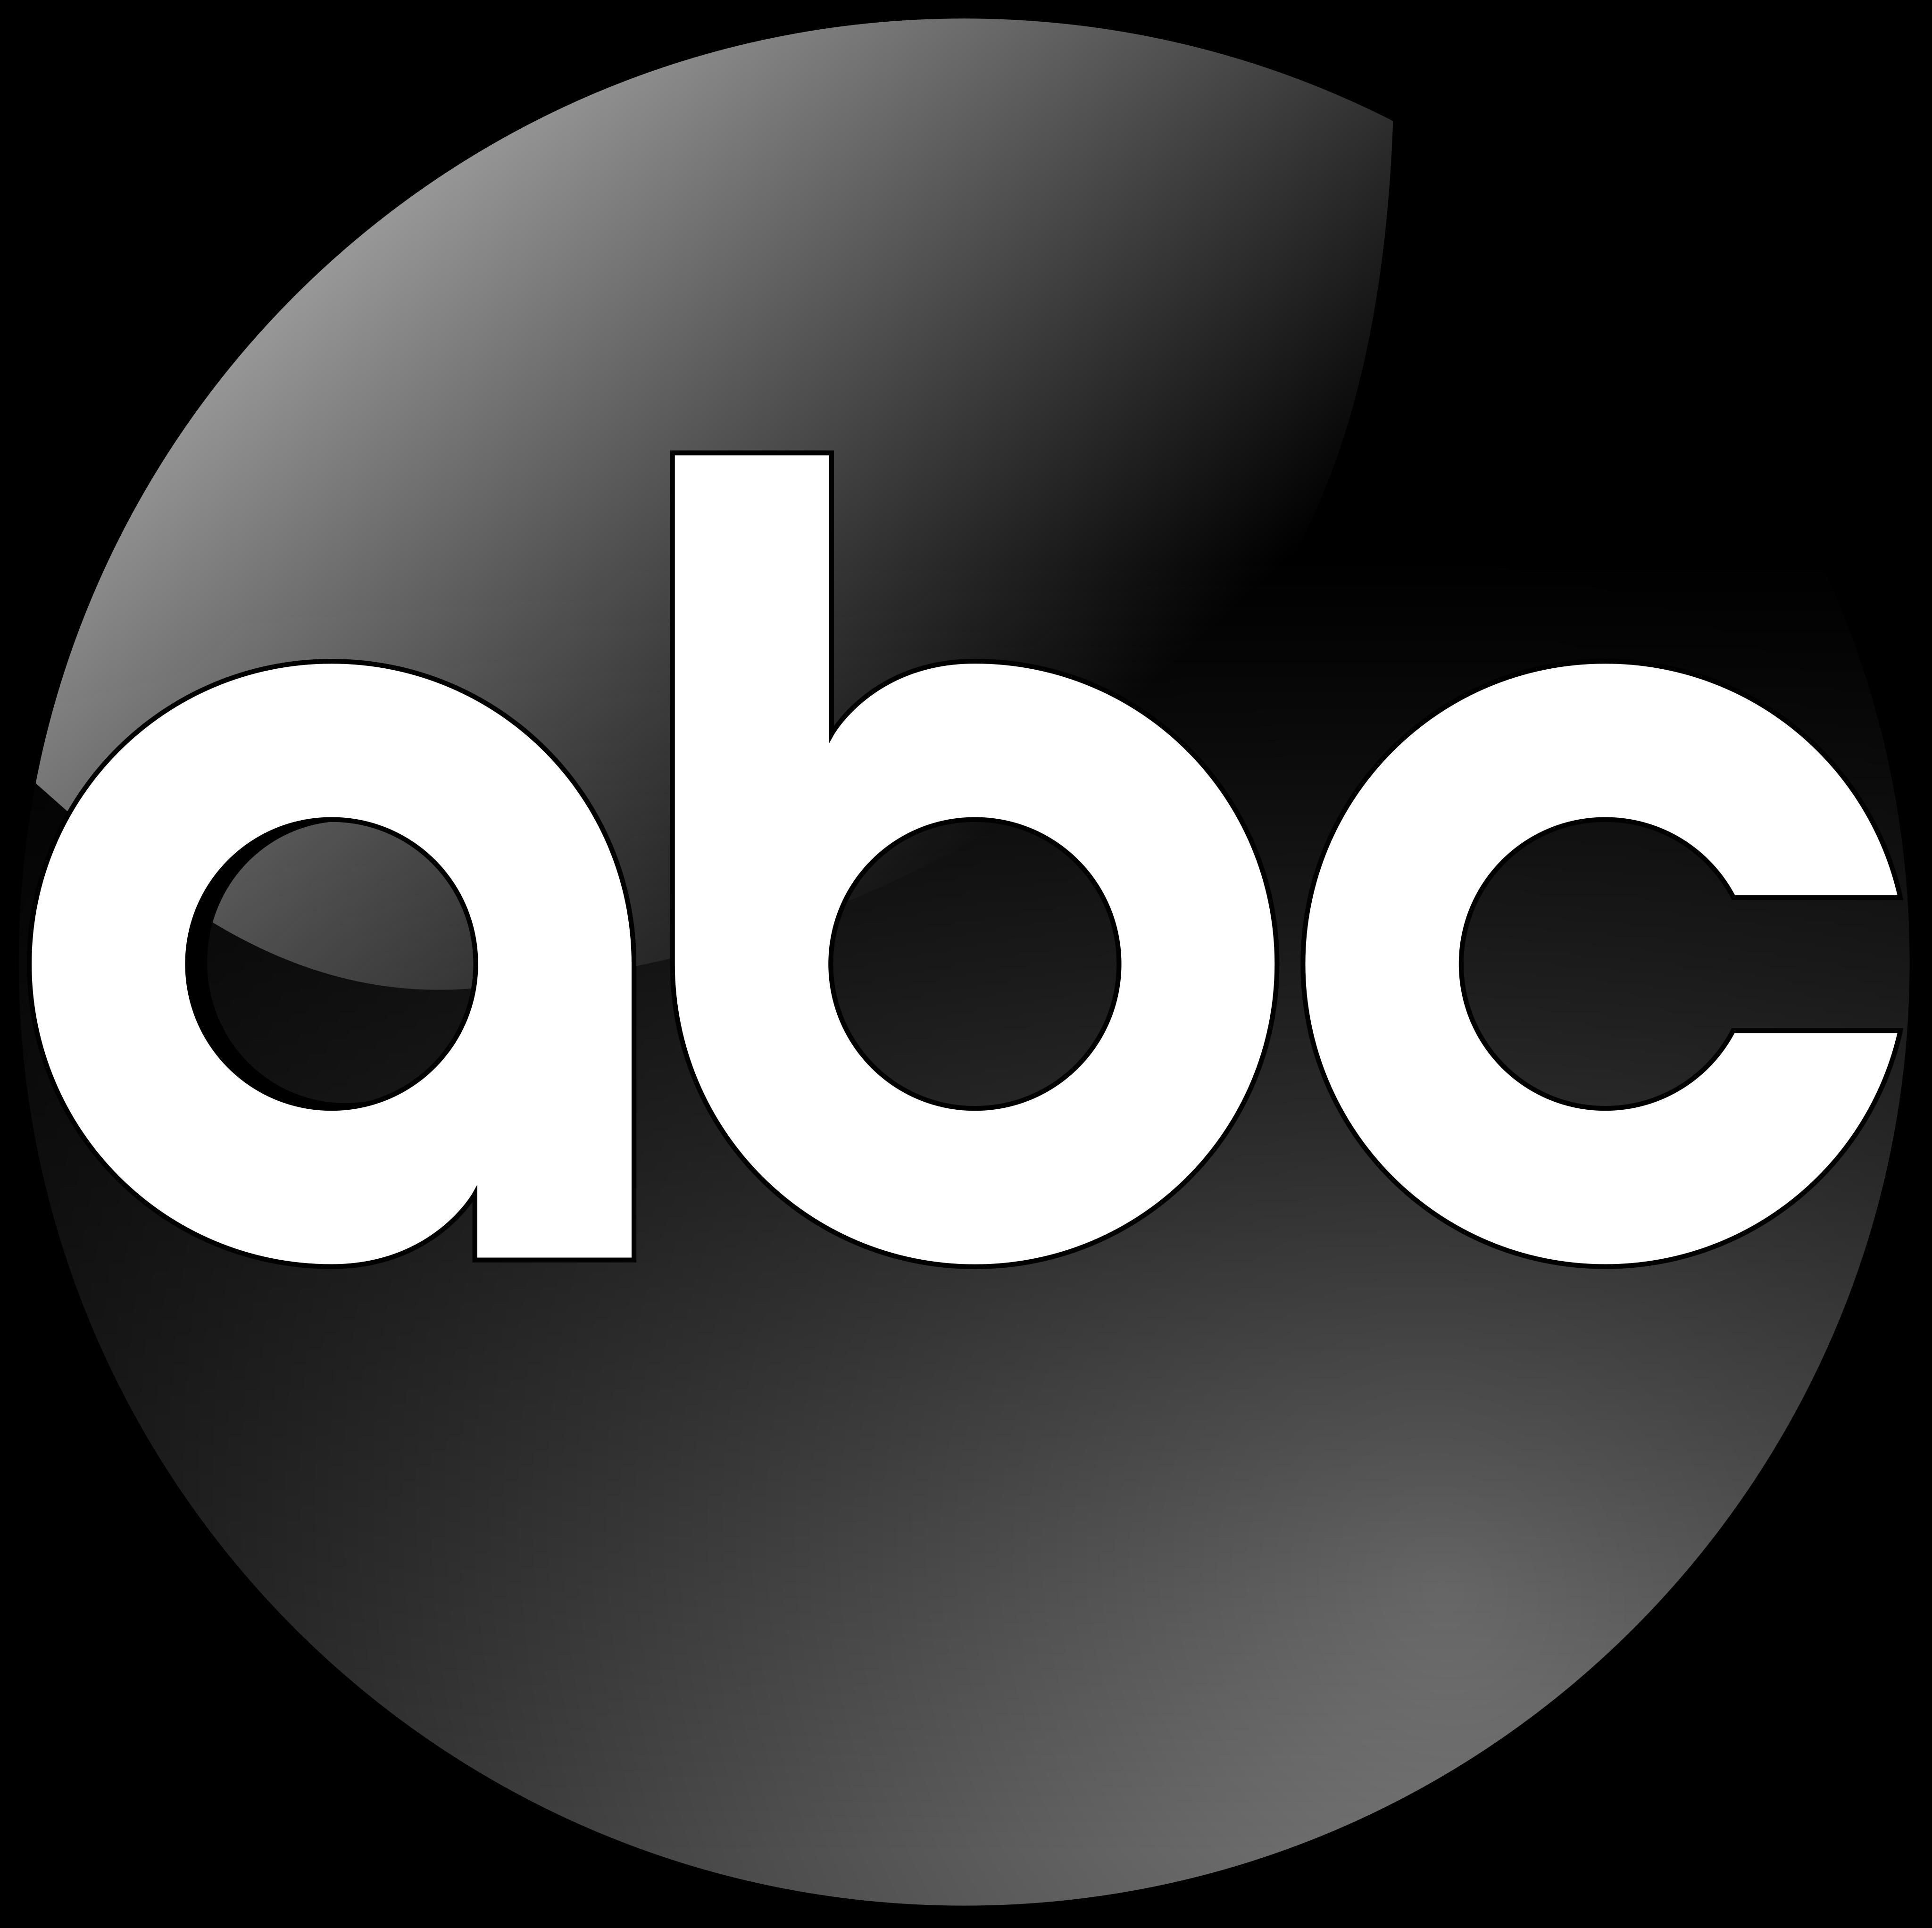 abc logo - ABC Logo